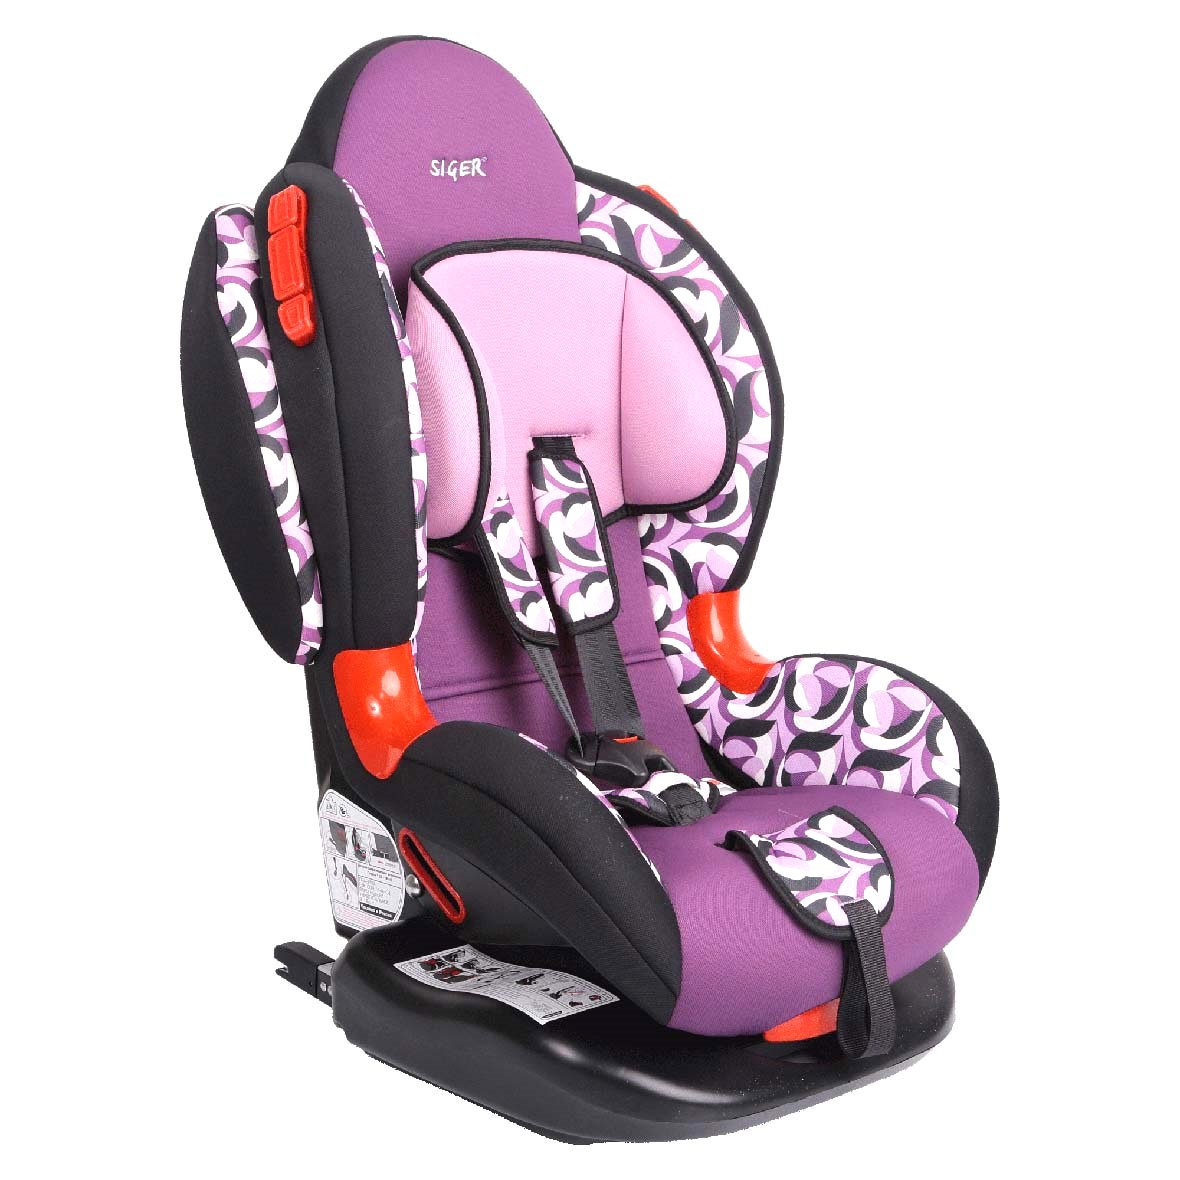 Купить Кресло детское автомобильное Siger Кокон isofix kres0299